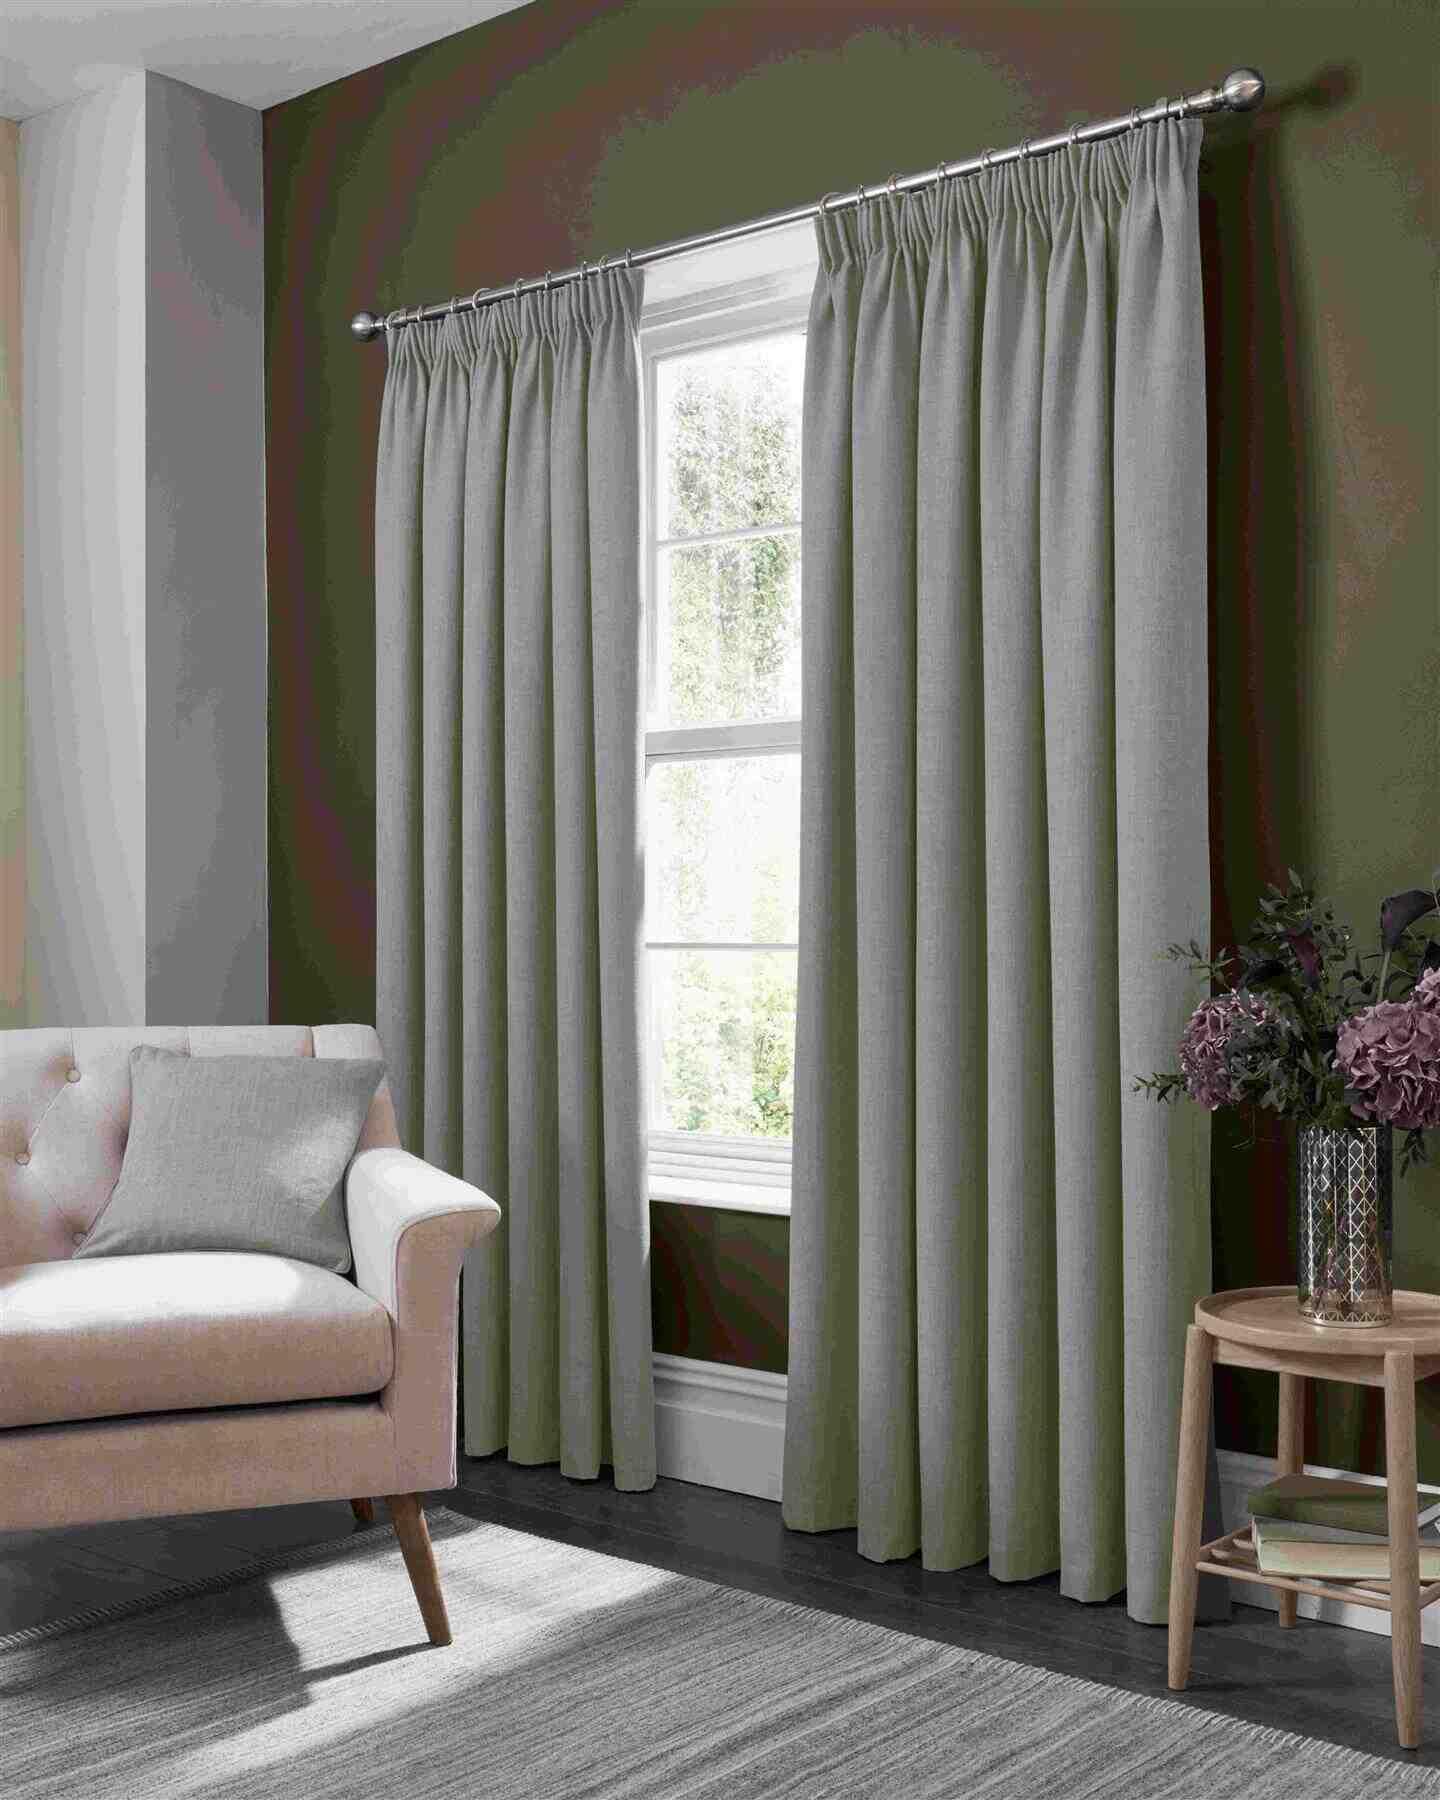 Comment plisser un rideau?